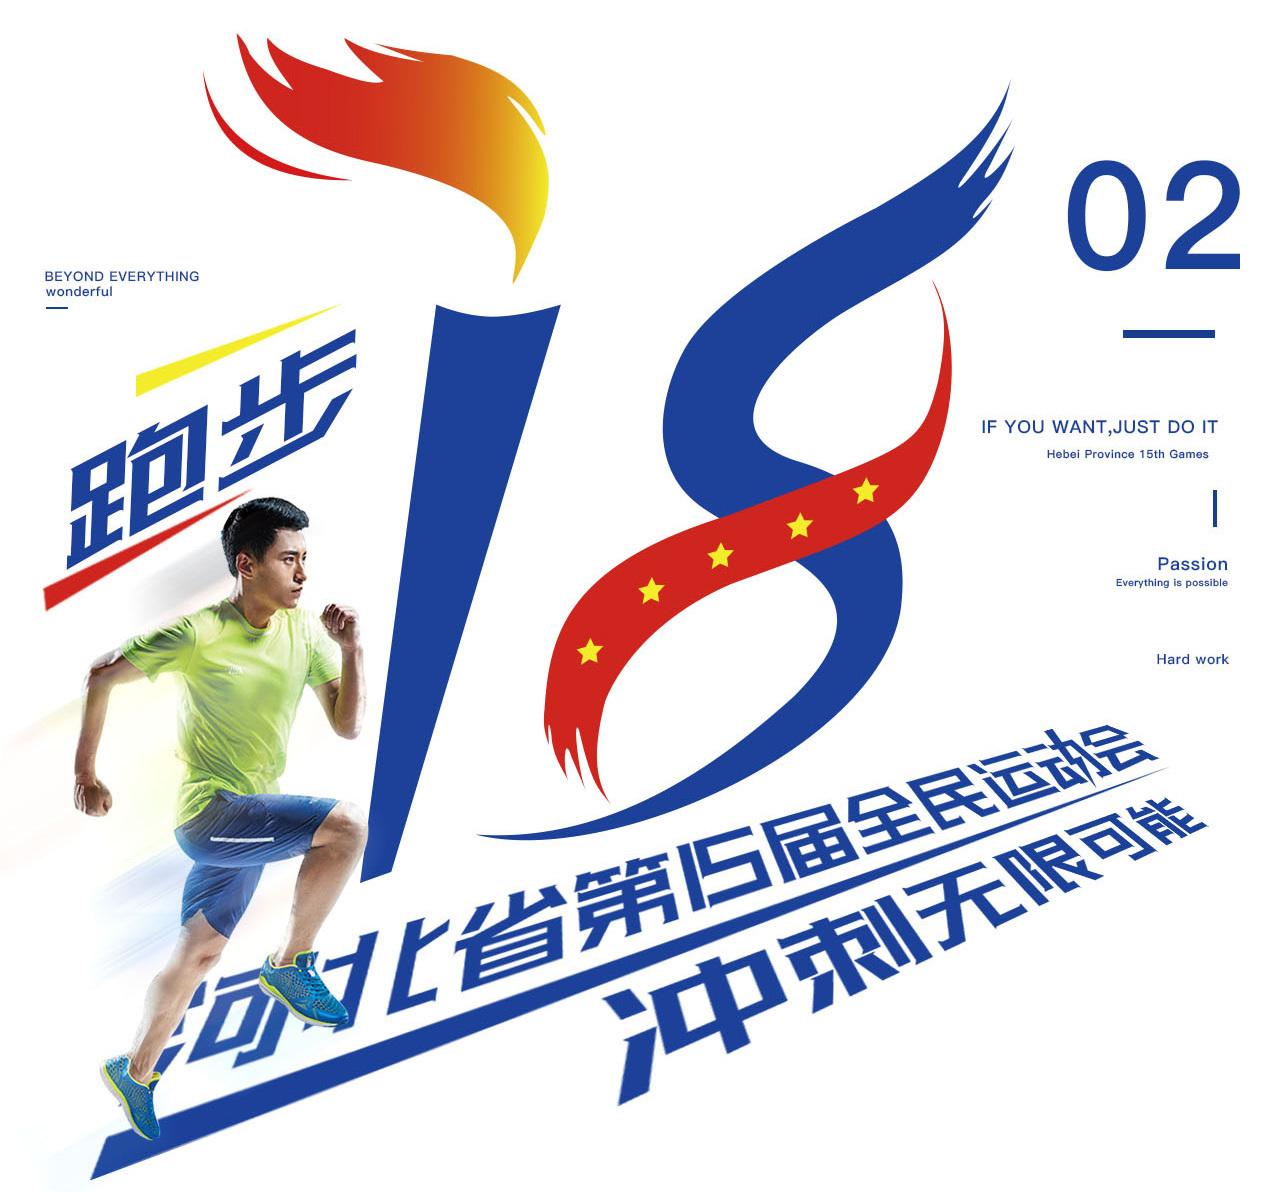 河北省运动会logo 会徽设计提案图片